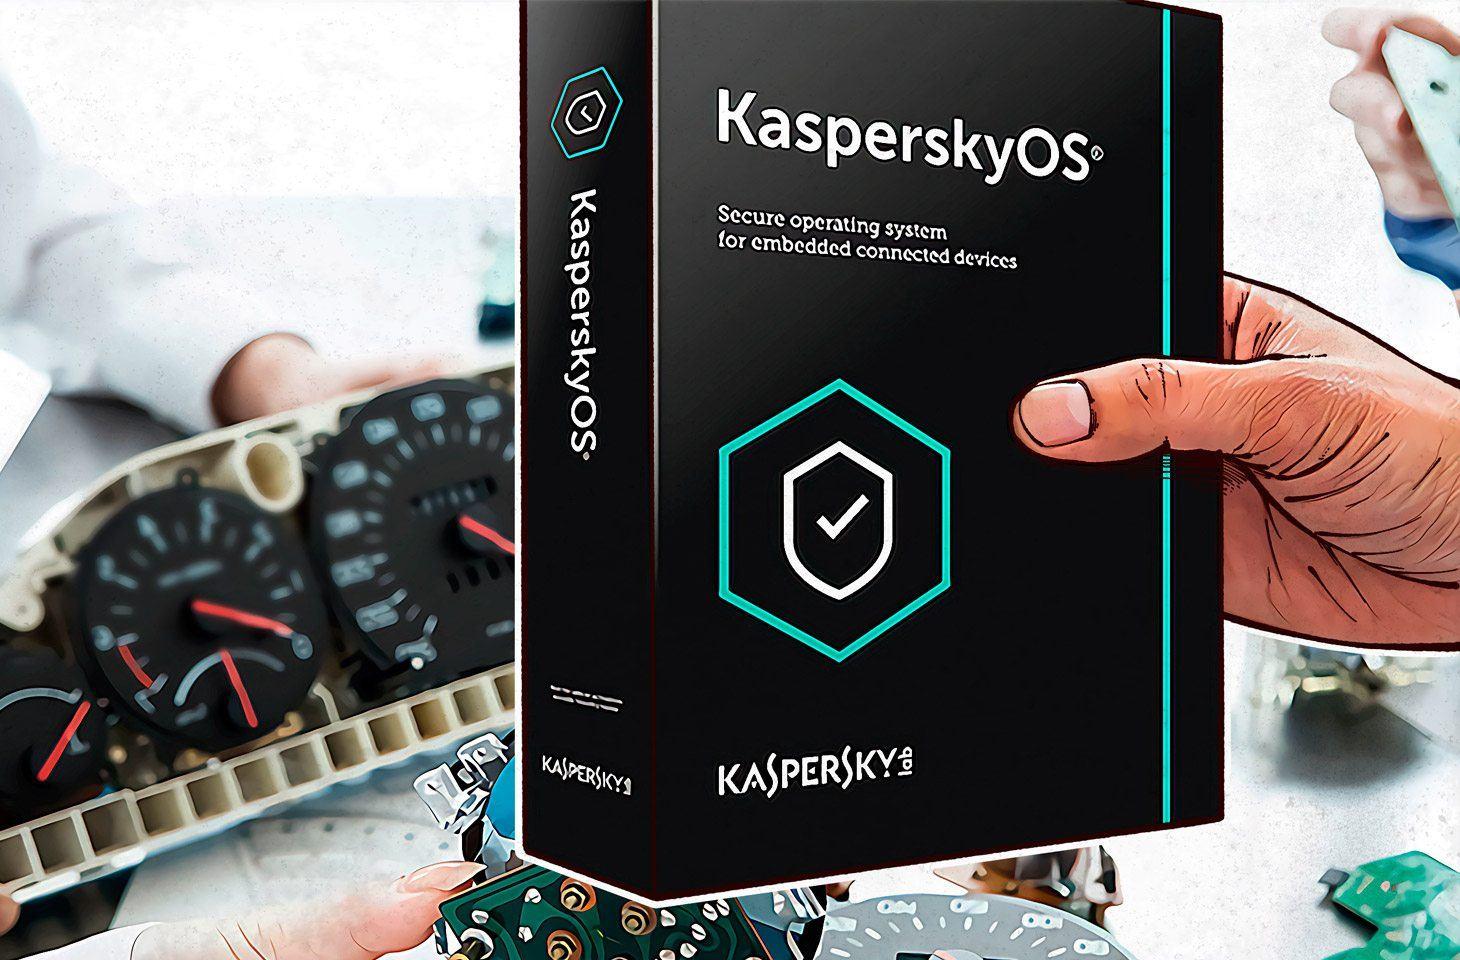 kaspersky la securite des voitures connectees doit se faire des leur conception - Kaspersky: La sécurité des voitures connectées doit se faire dès leur conception